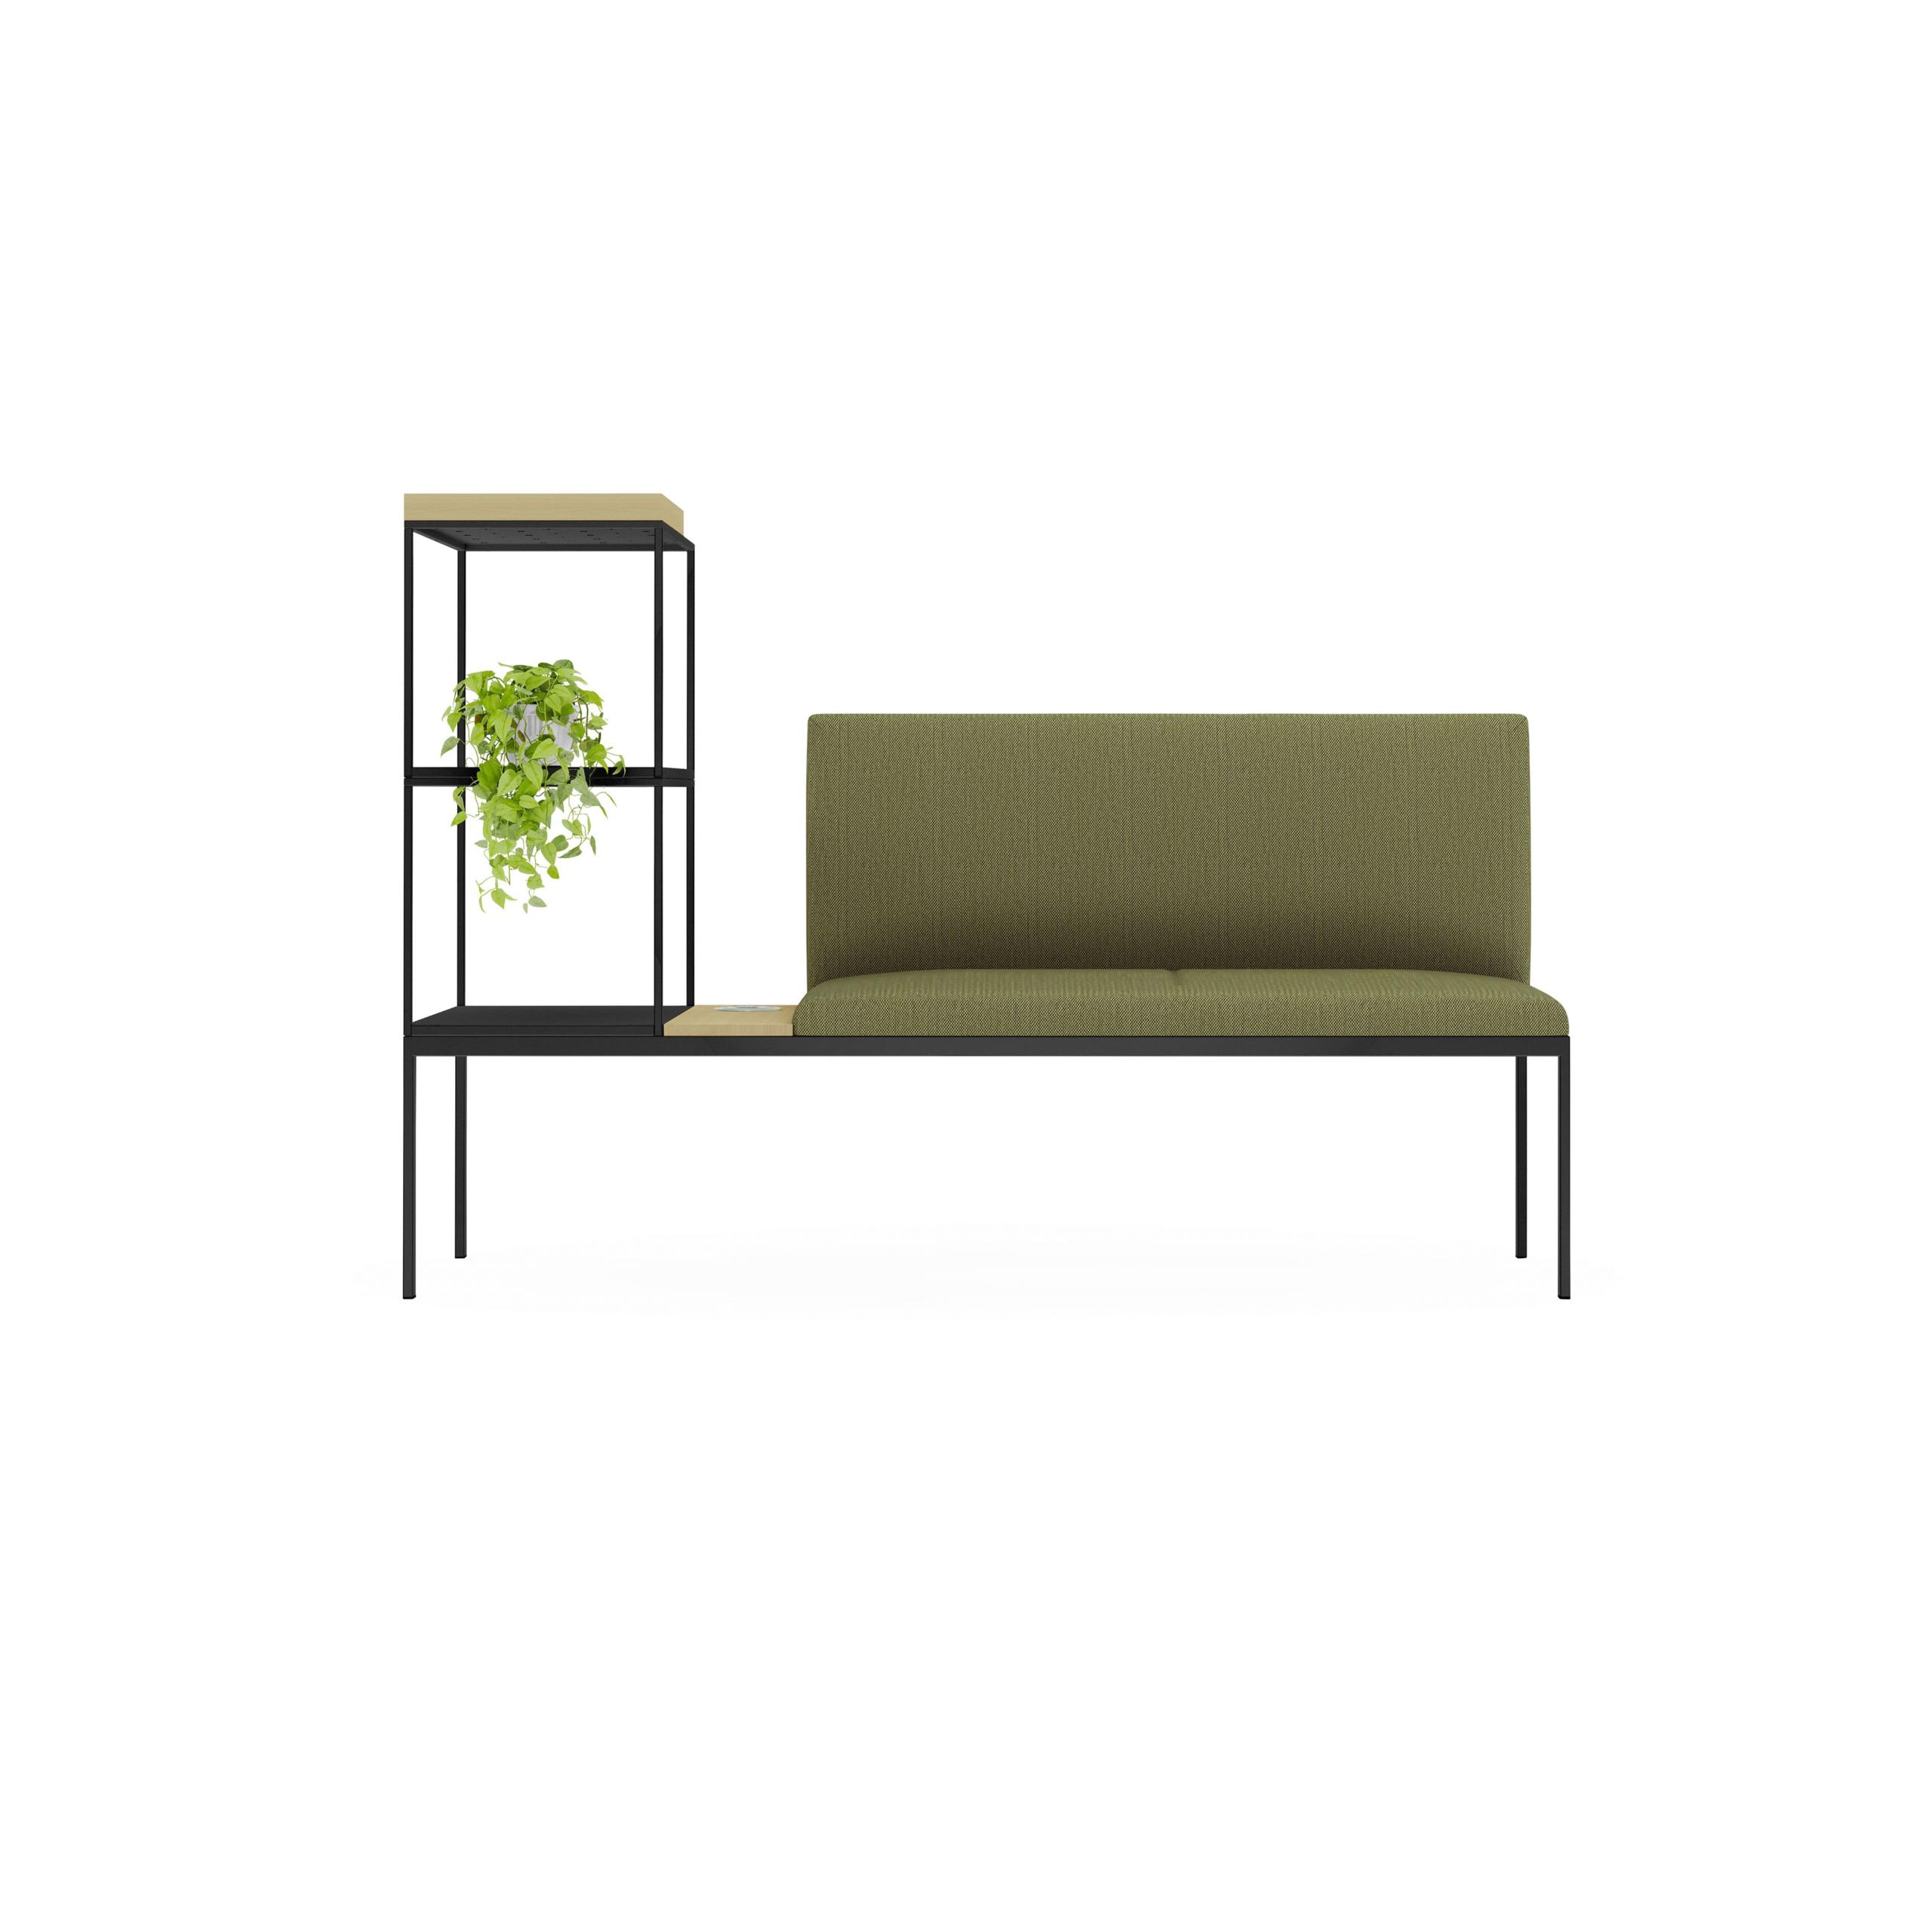 Create Seating Byggbara moduler: sittmöbler, förvaring och rum-i rum produktbild 3